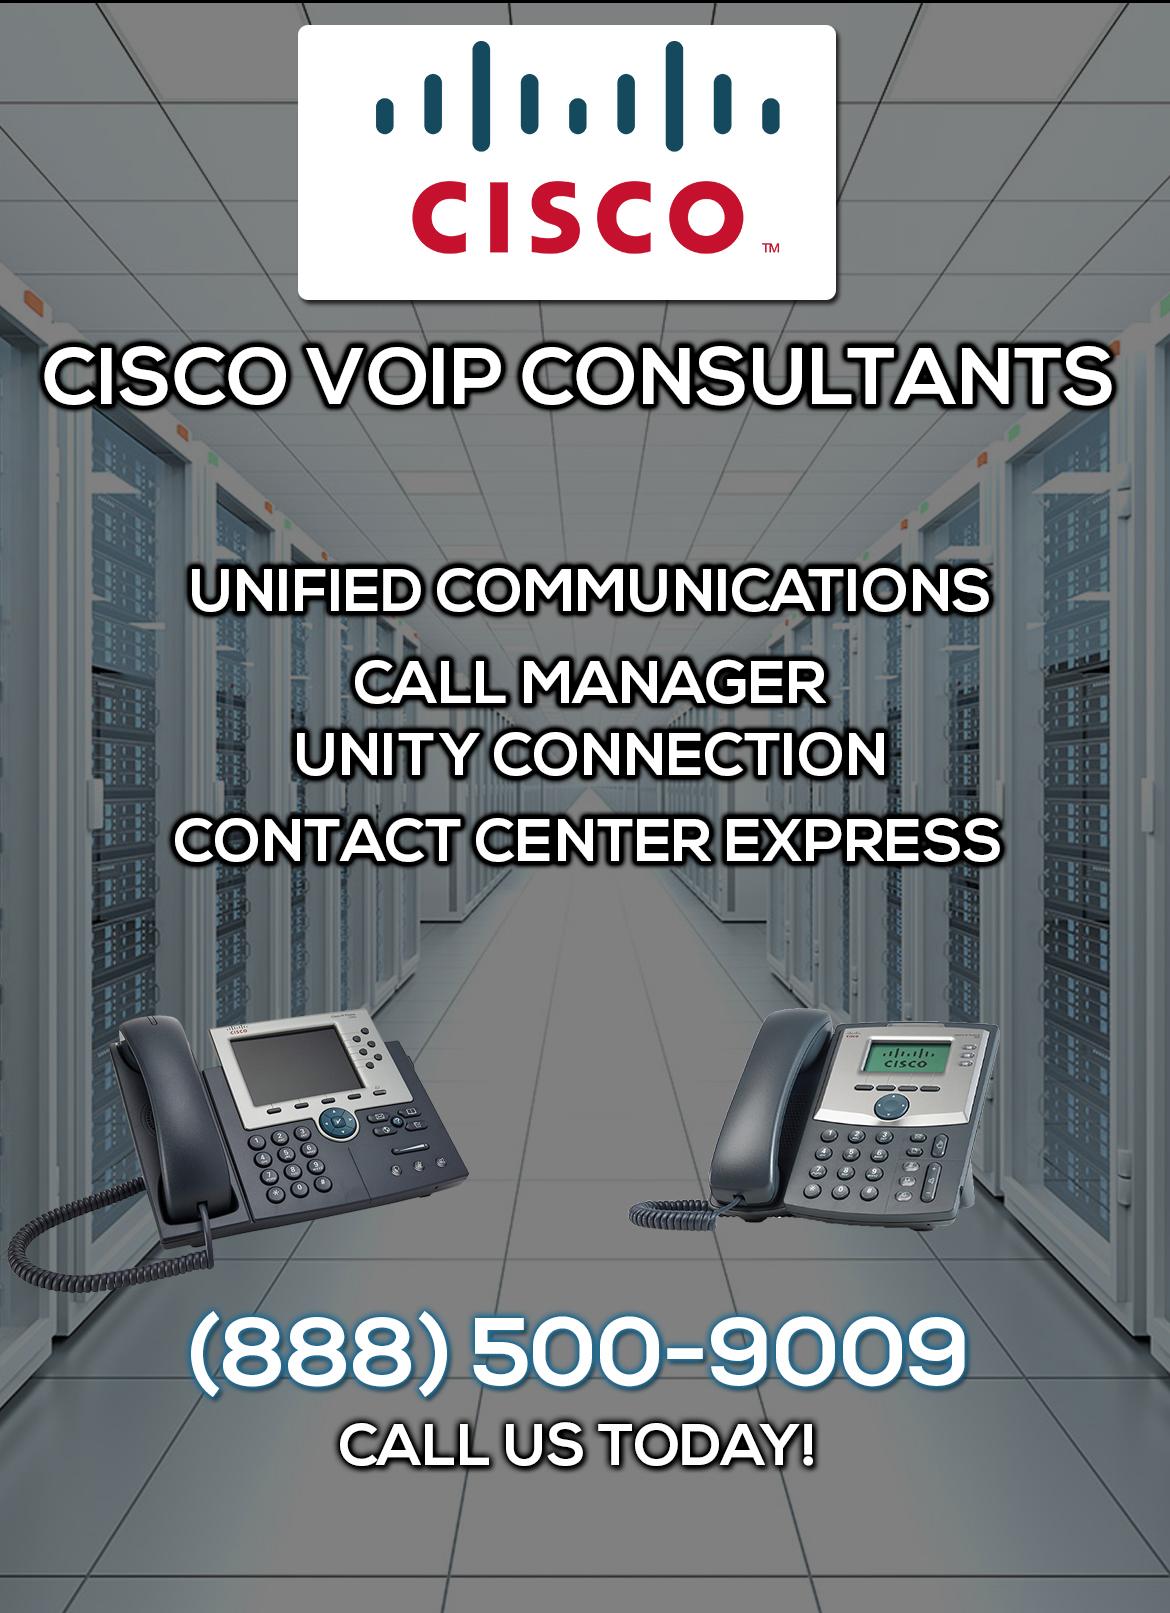 Cisco VoIP Consultants Santa Clarita